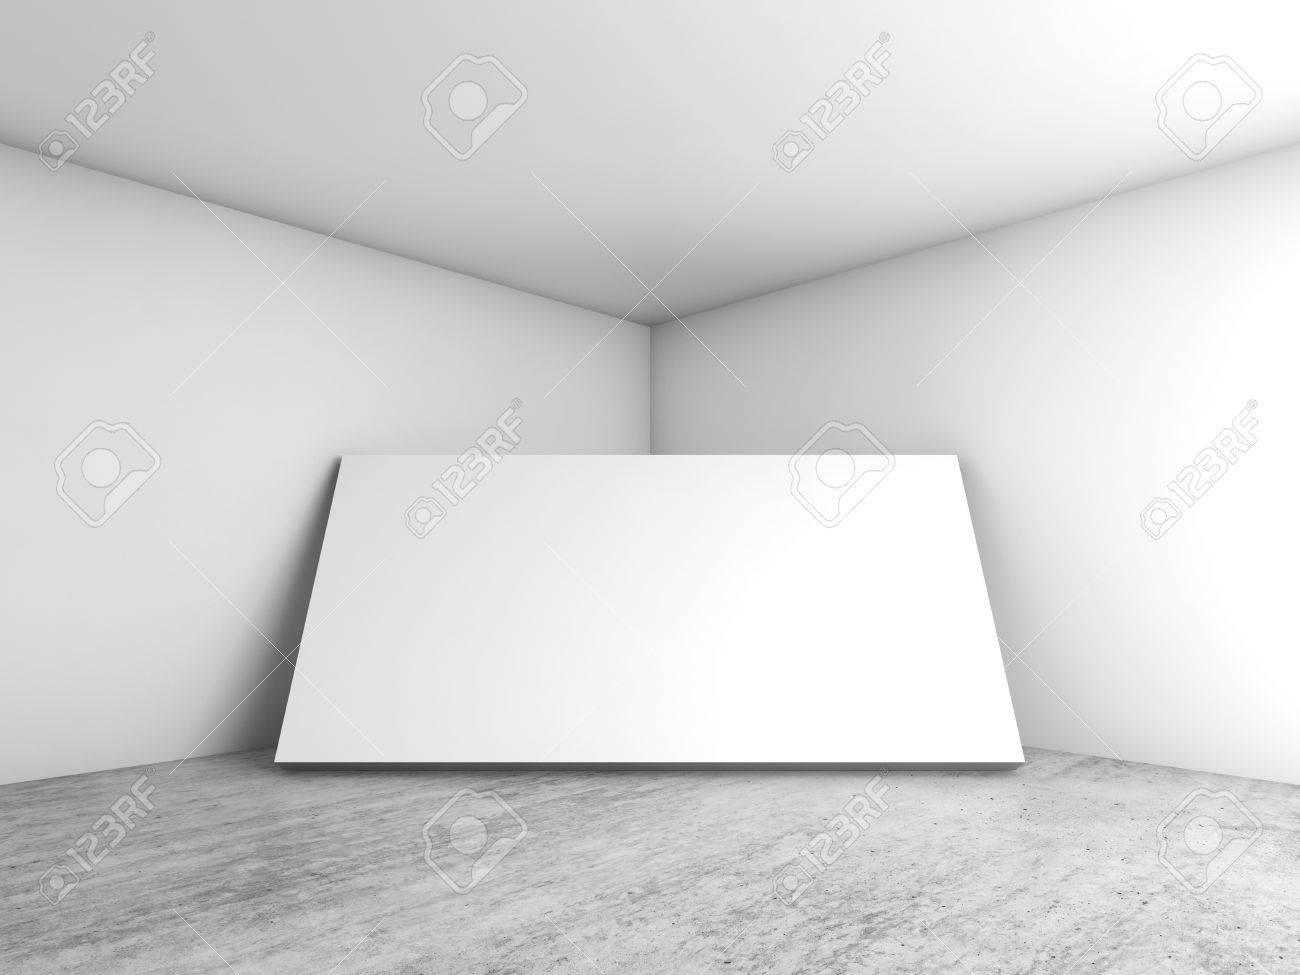 Abstrakt Weiß Leeres Interieur, Leere Banner Steht In Ecke ...